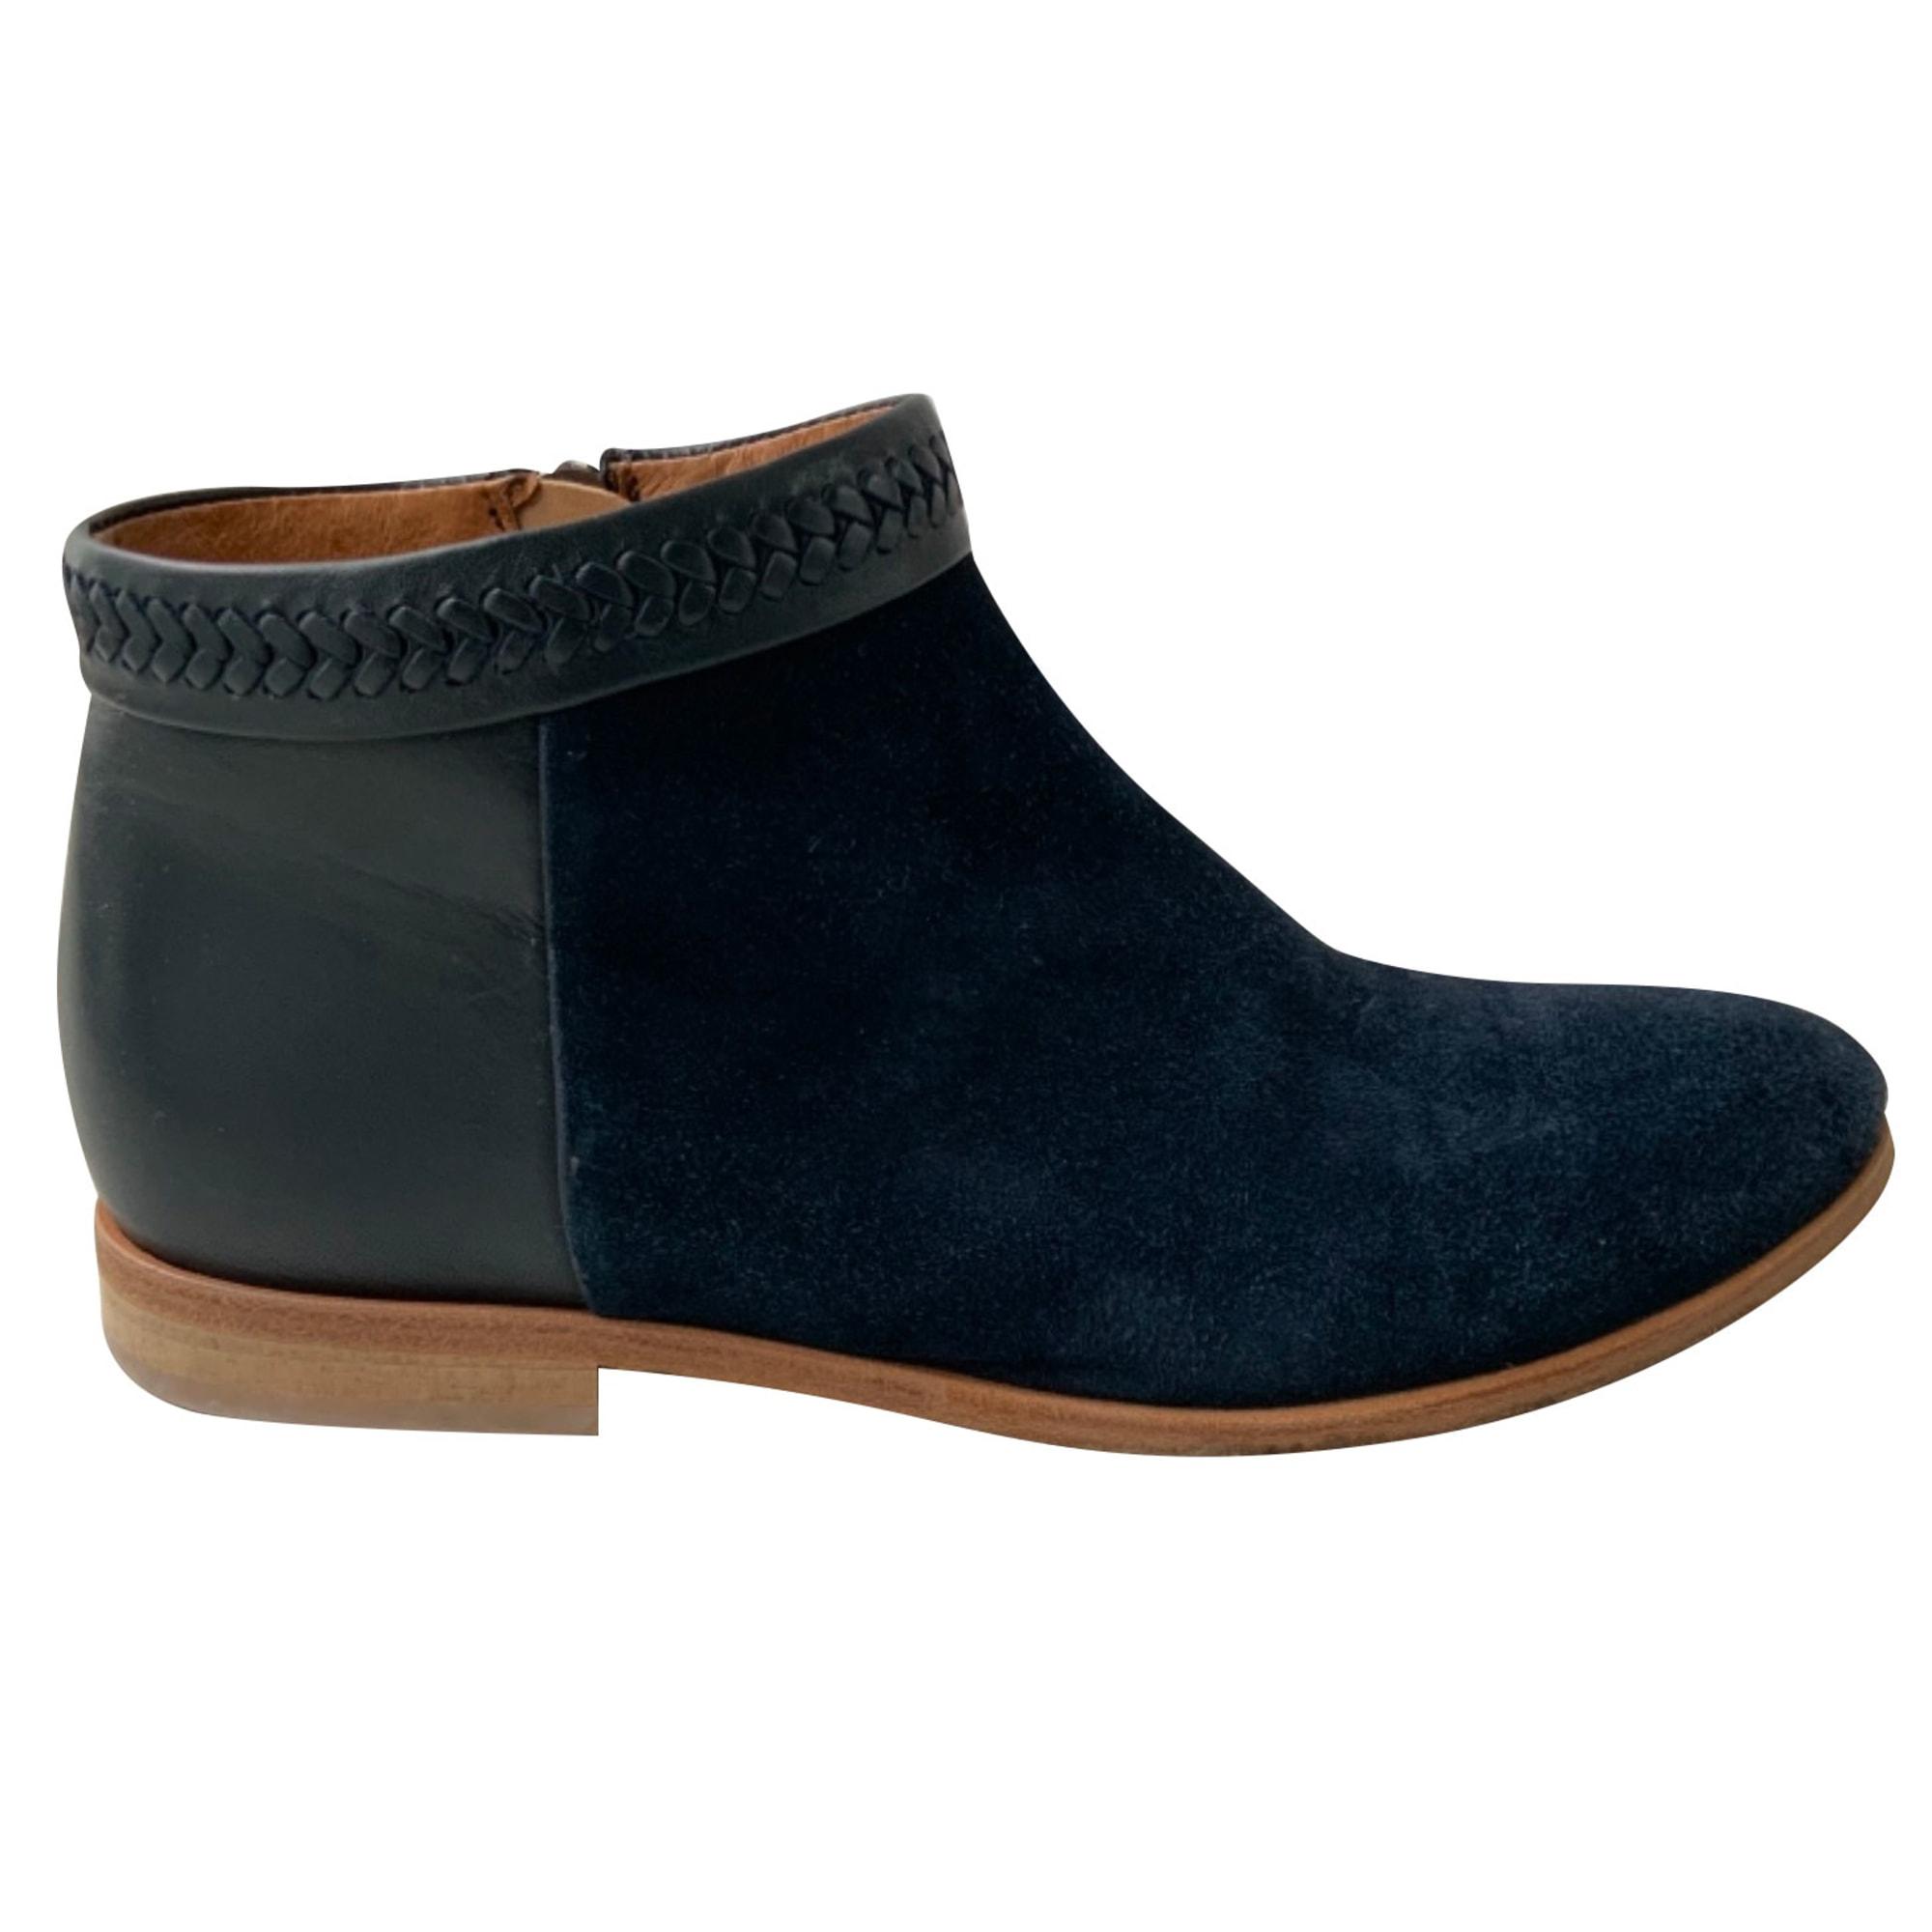 Bottines & low boots plates COMPTOIR DES COTONNIERS Bleu, bleu marine, bleu turquoise